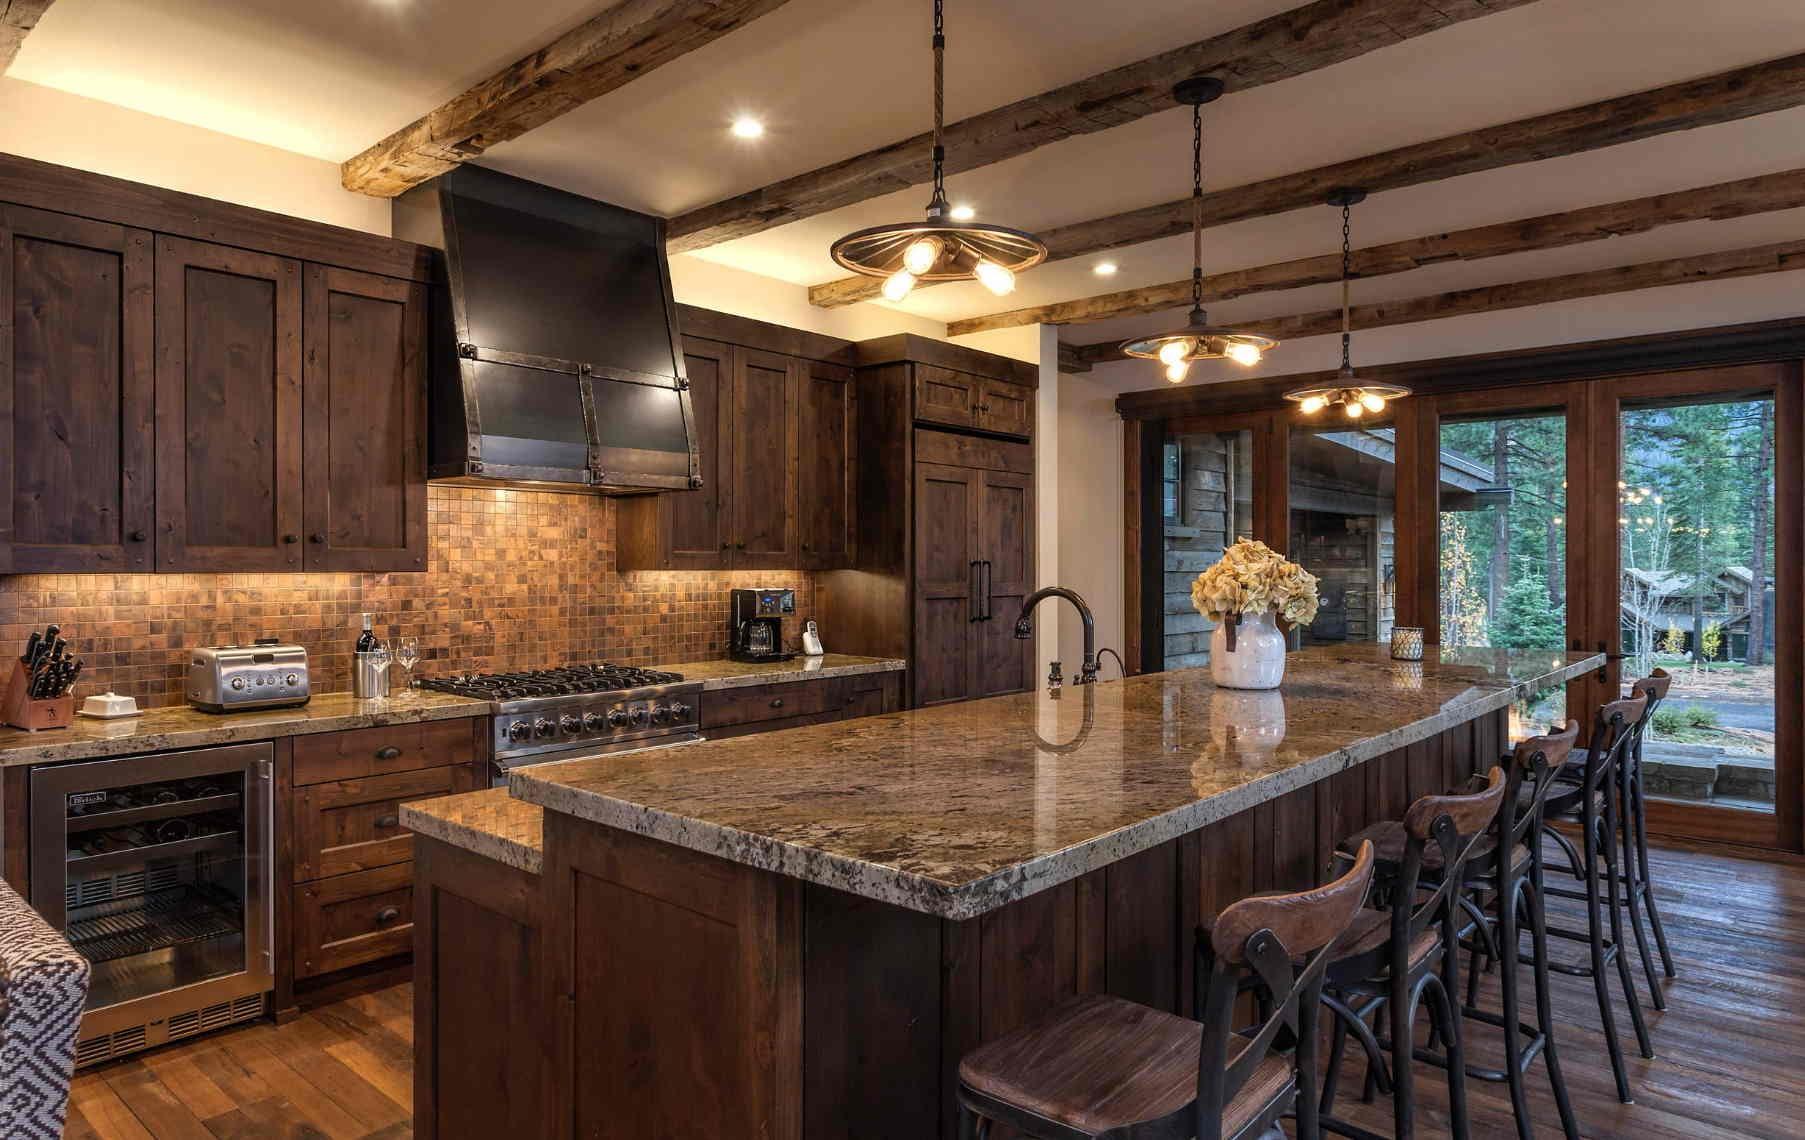 Cocinas de Obra que Enamoran: Construye tu propia cocina